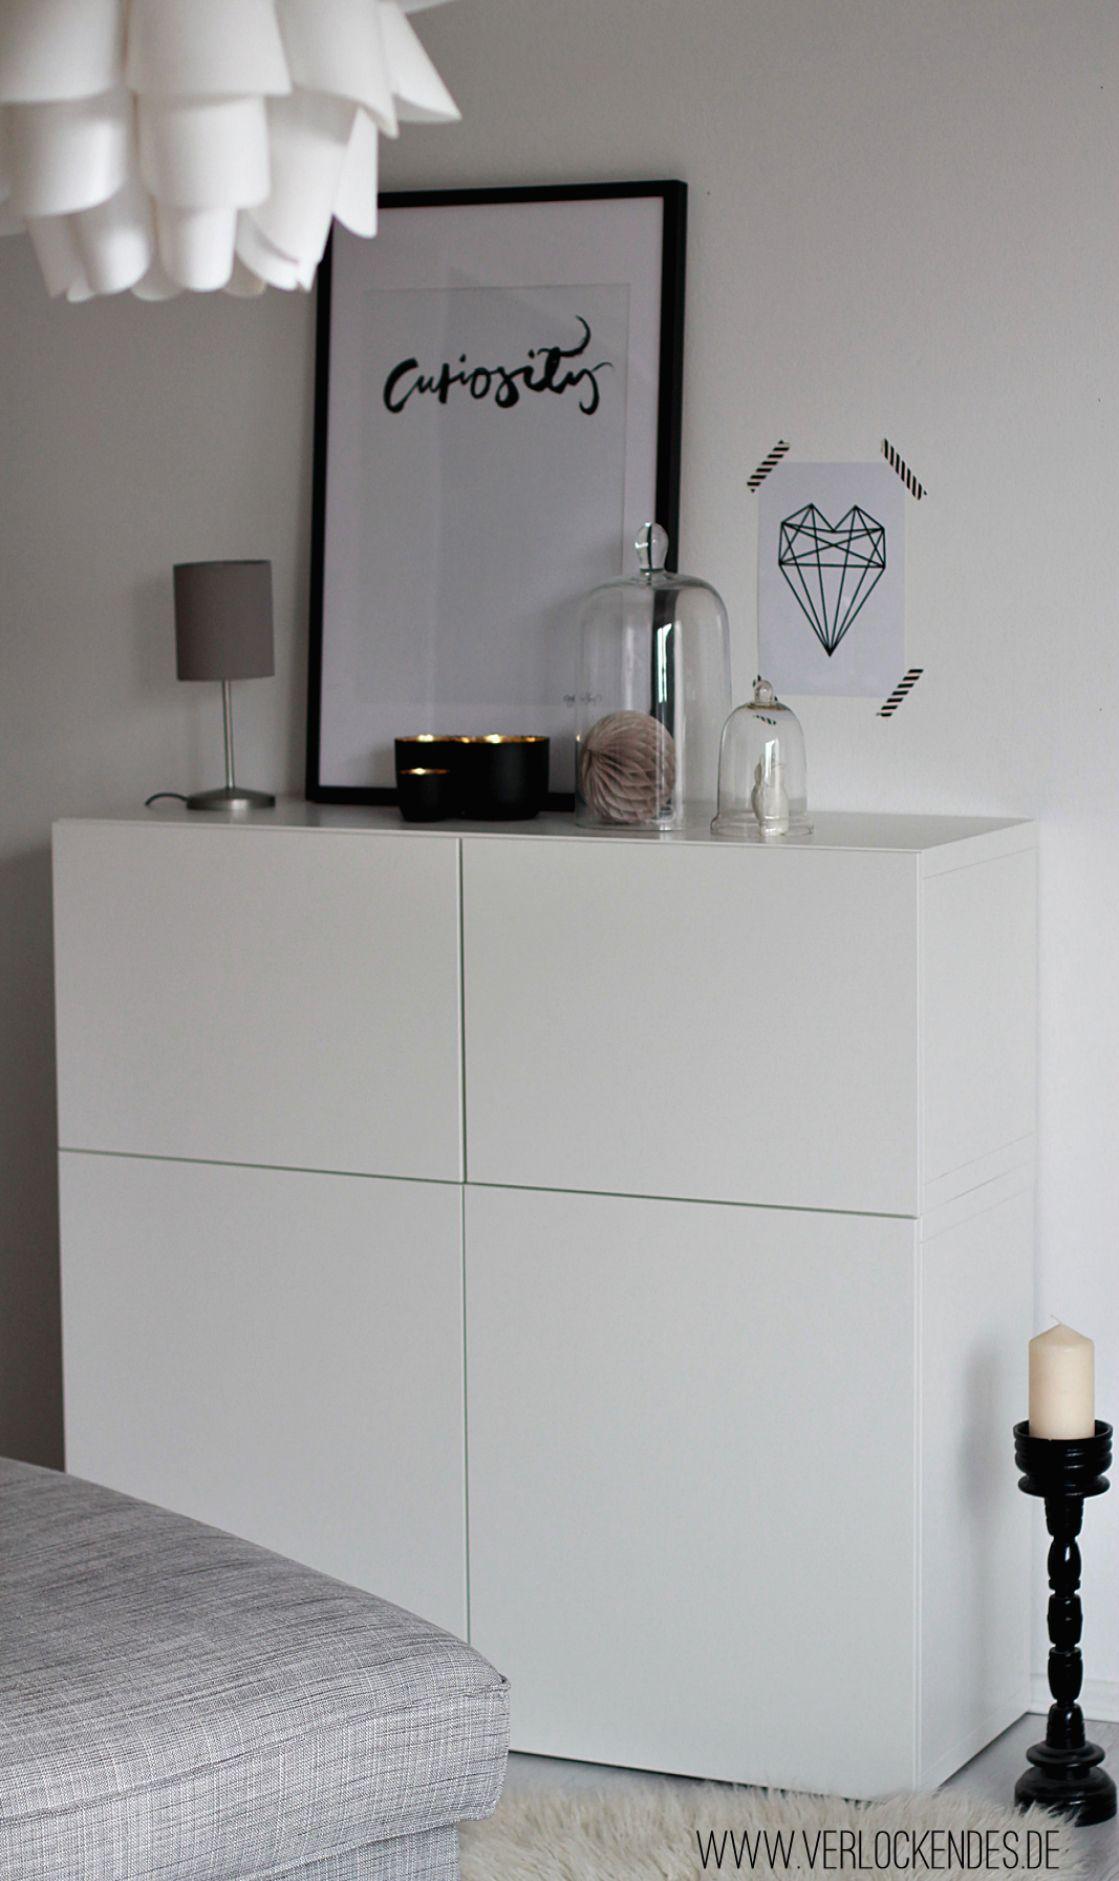 22 Elegant Ikea Schrank Weiss In 2020 Wohnzimmer Ikea Wohnzimmer